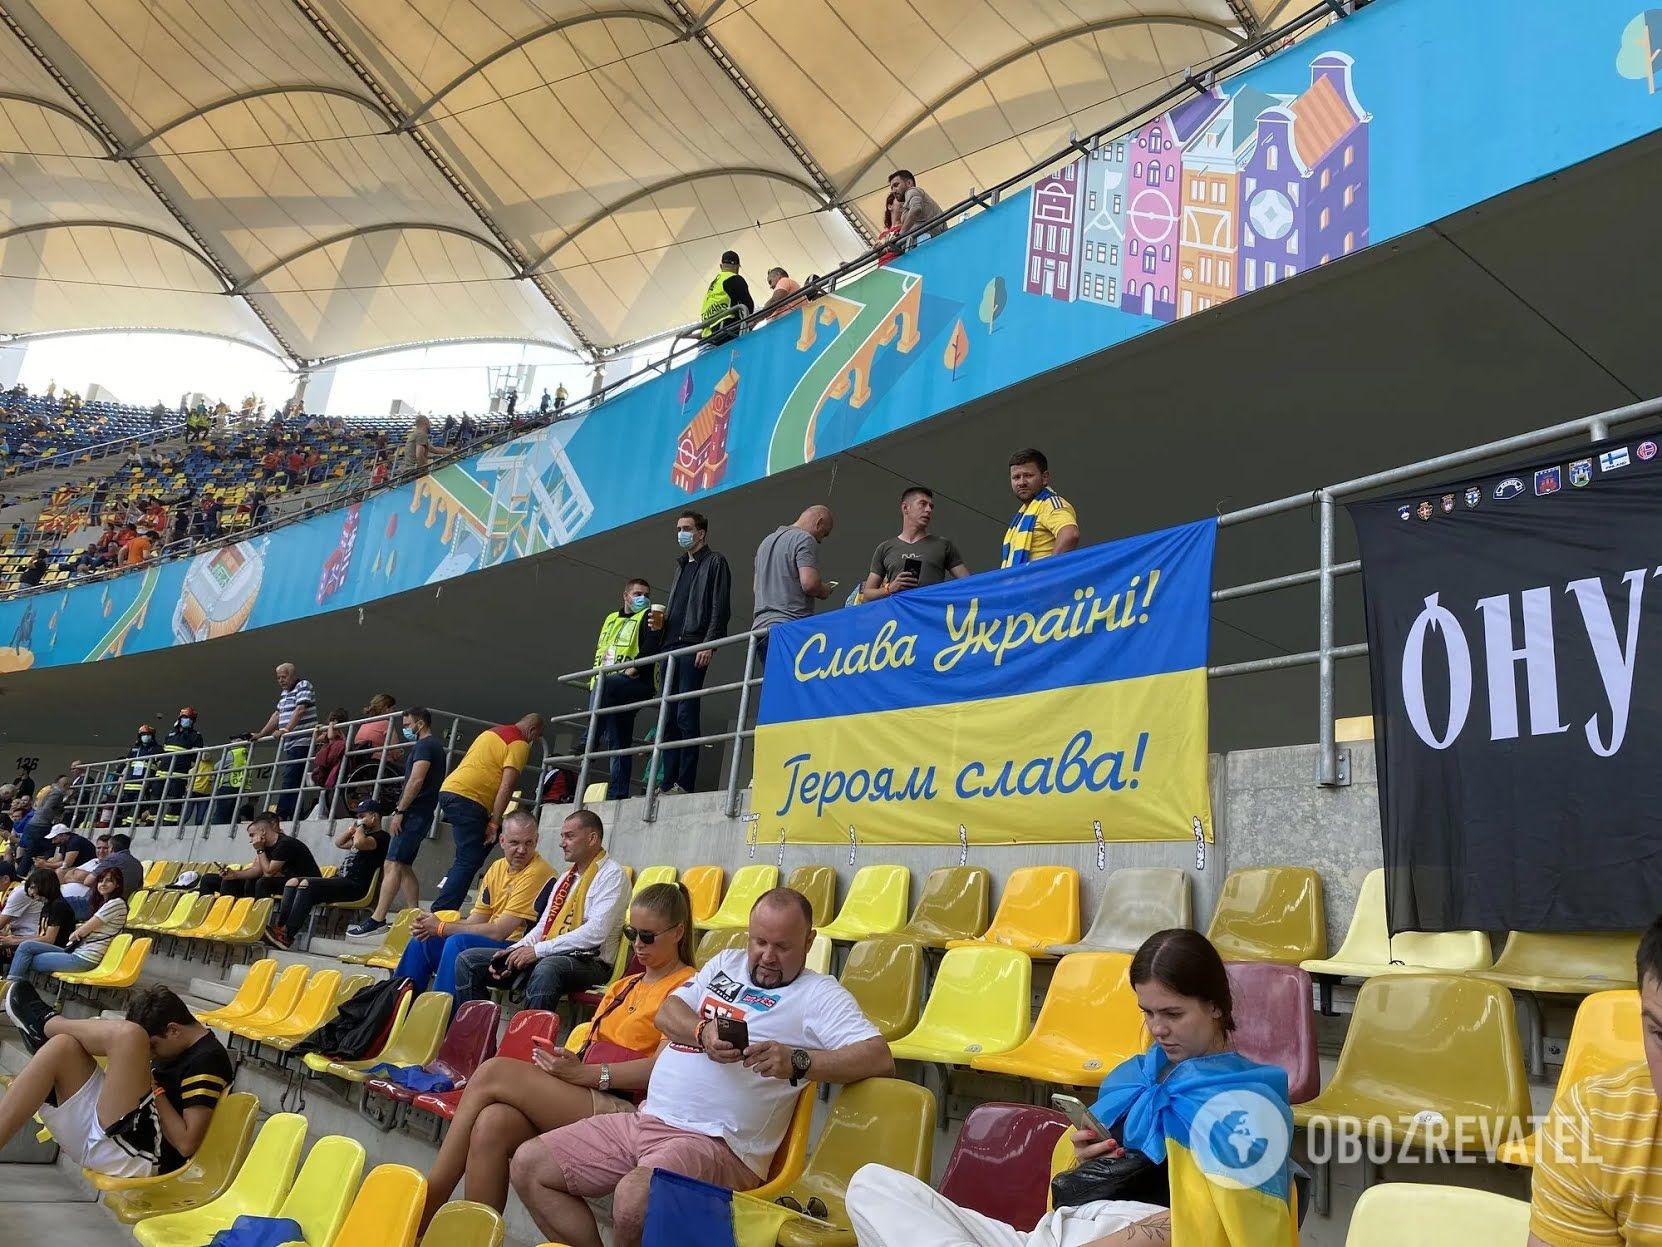 """Фанати """"жовто-синіх"""" з прапором """"Слава Україні!""""."""